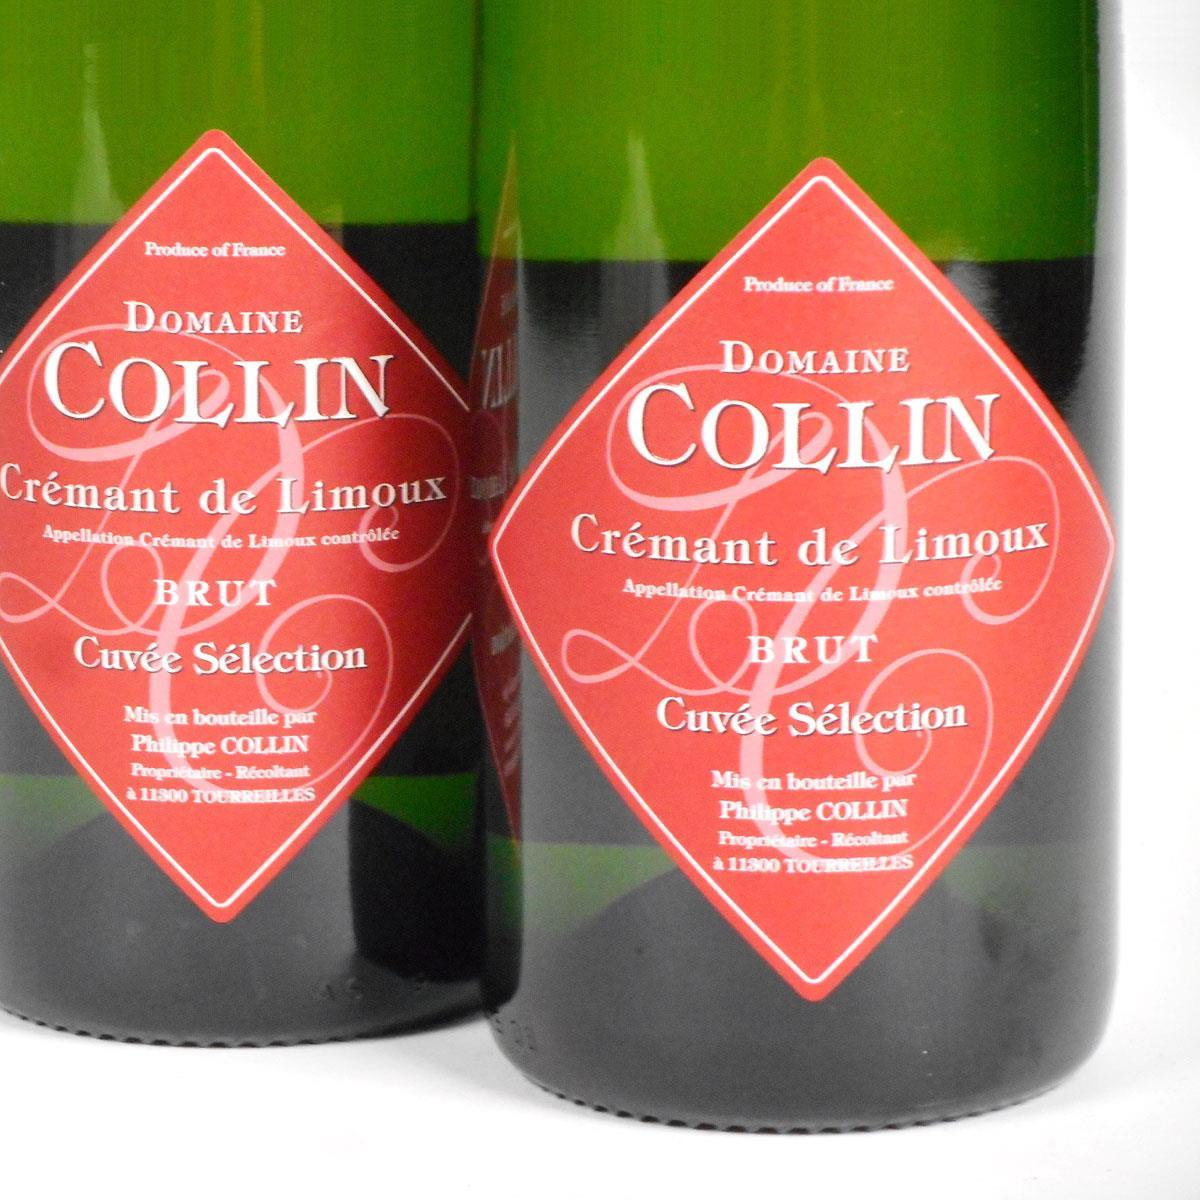 Crémant de Limoux: Domaine Collin 'Cuvée Sélection' Brut